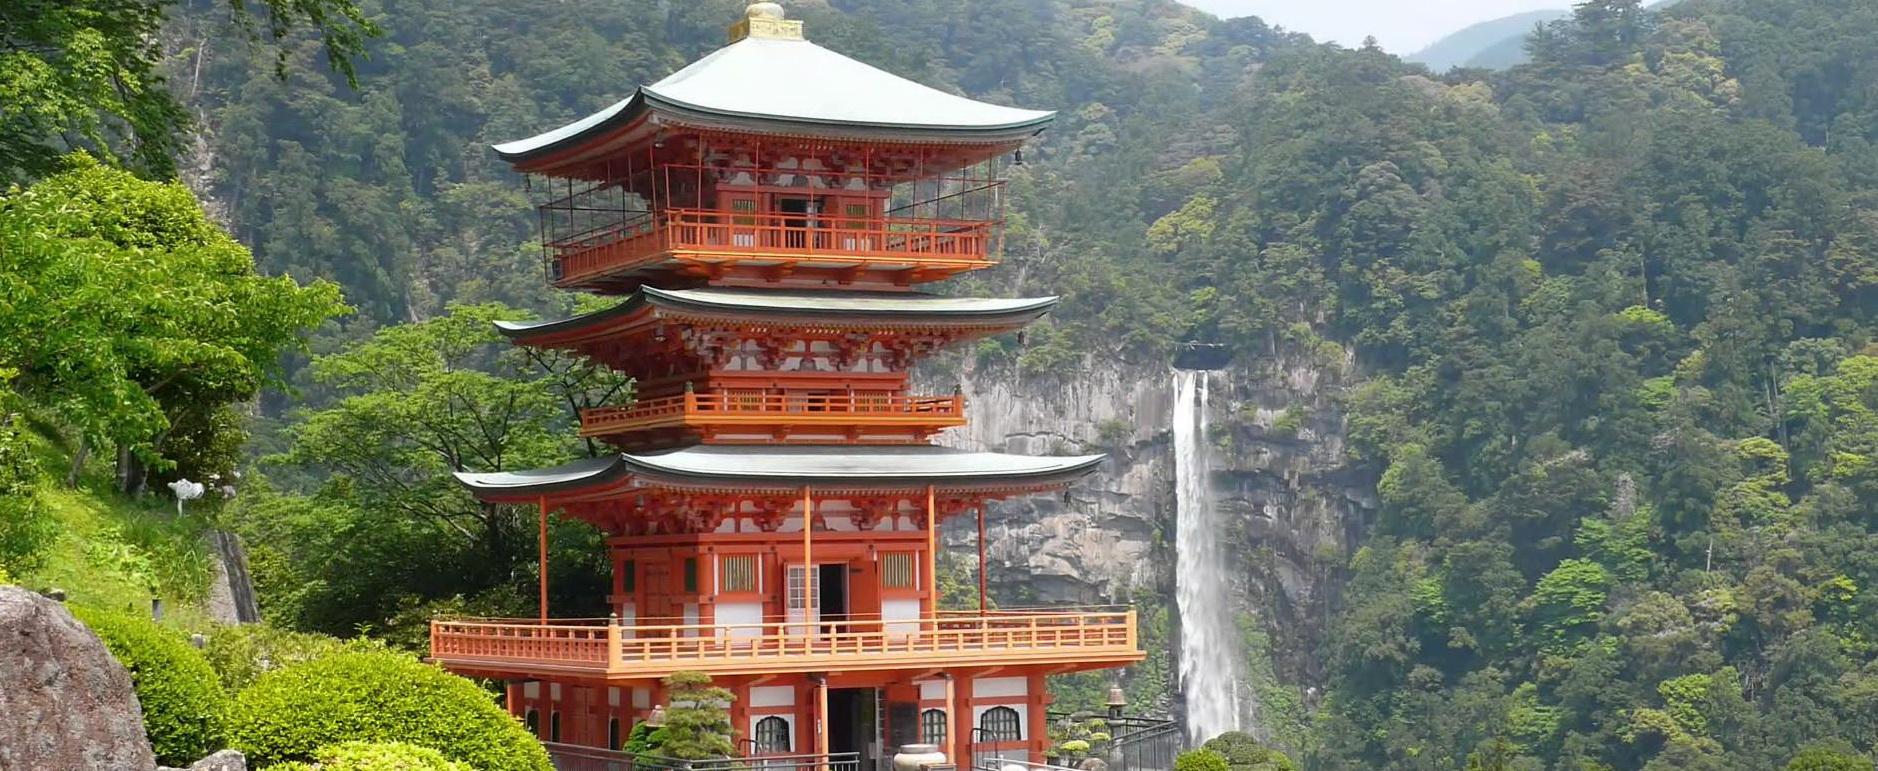 The must Kansai เดือนพฤษภาคม-ประเทศญี่ปุ่น 7 วัน 6 คืน